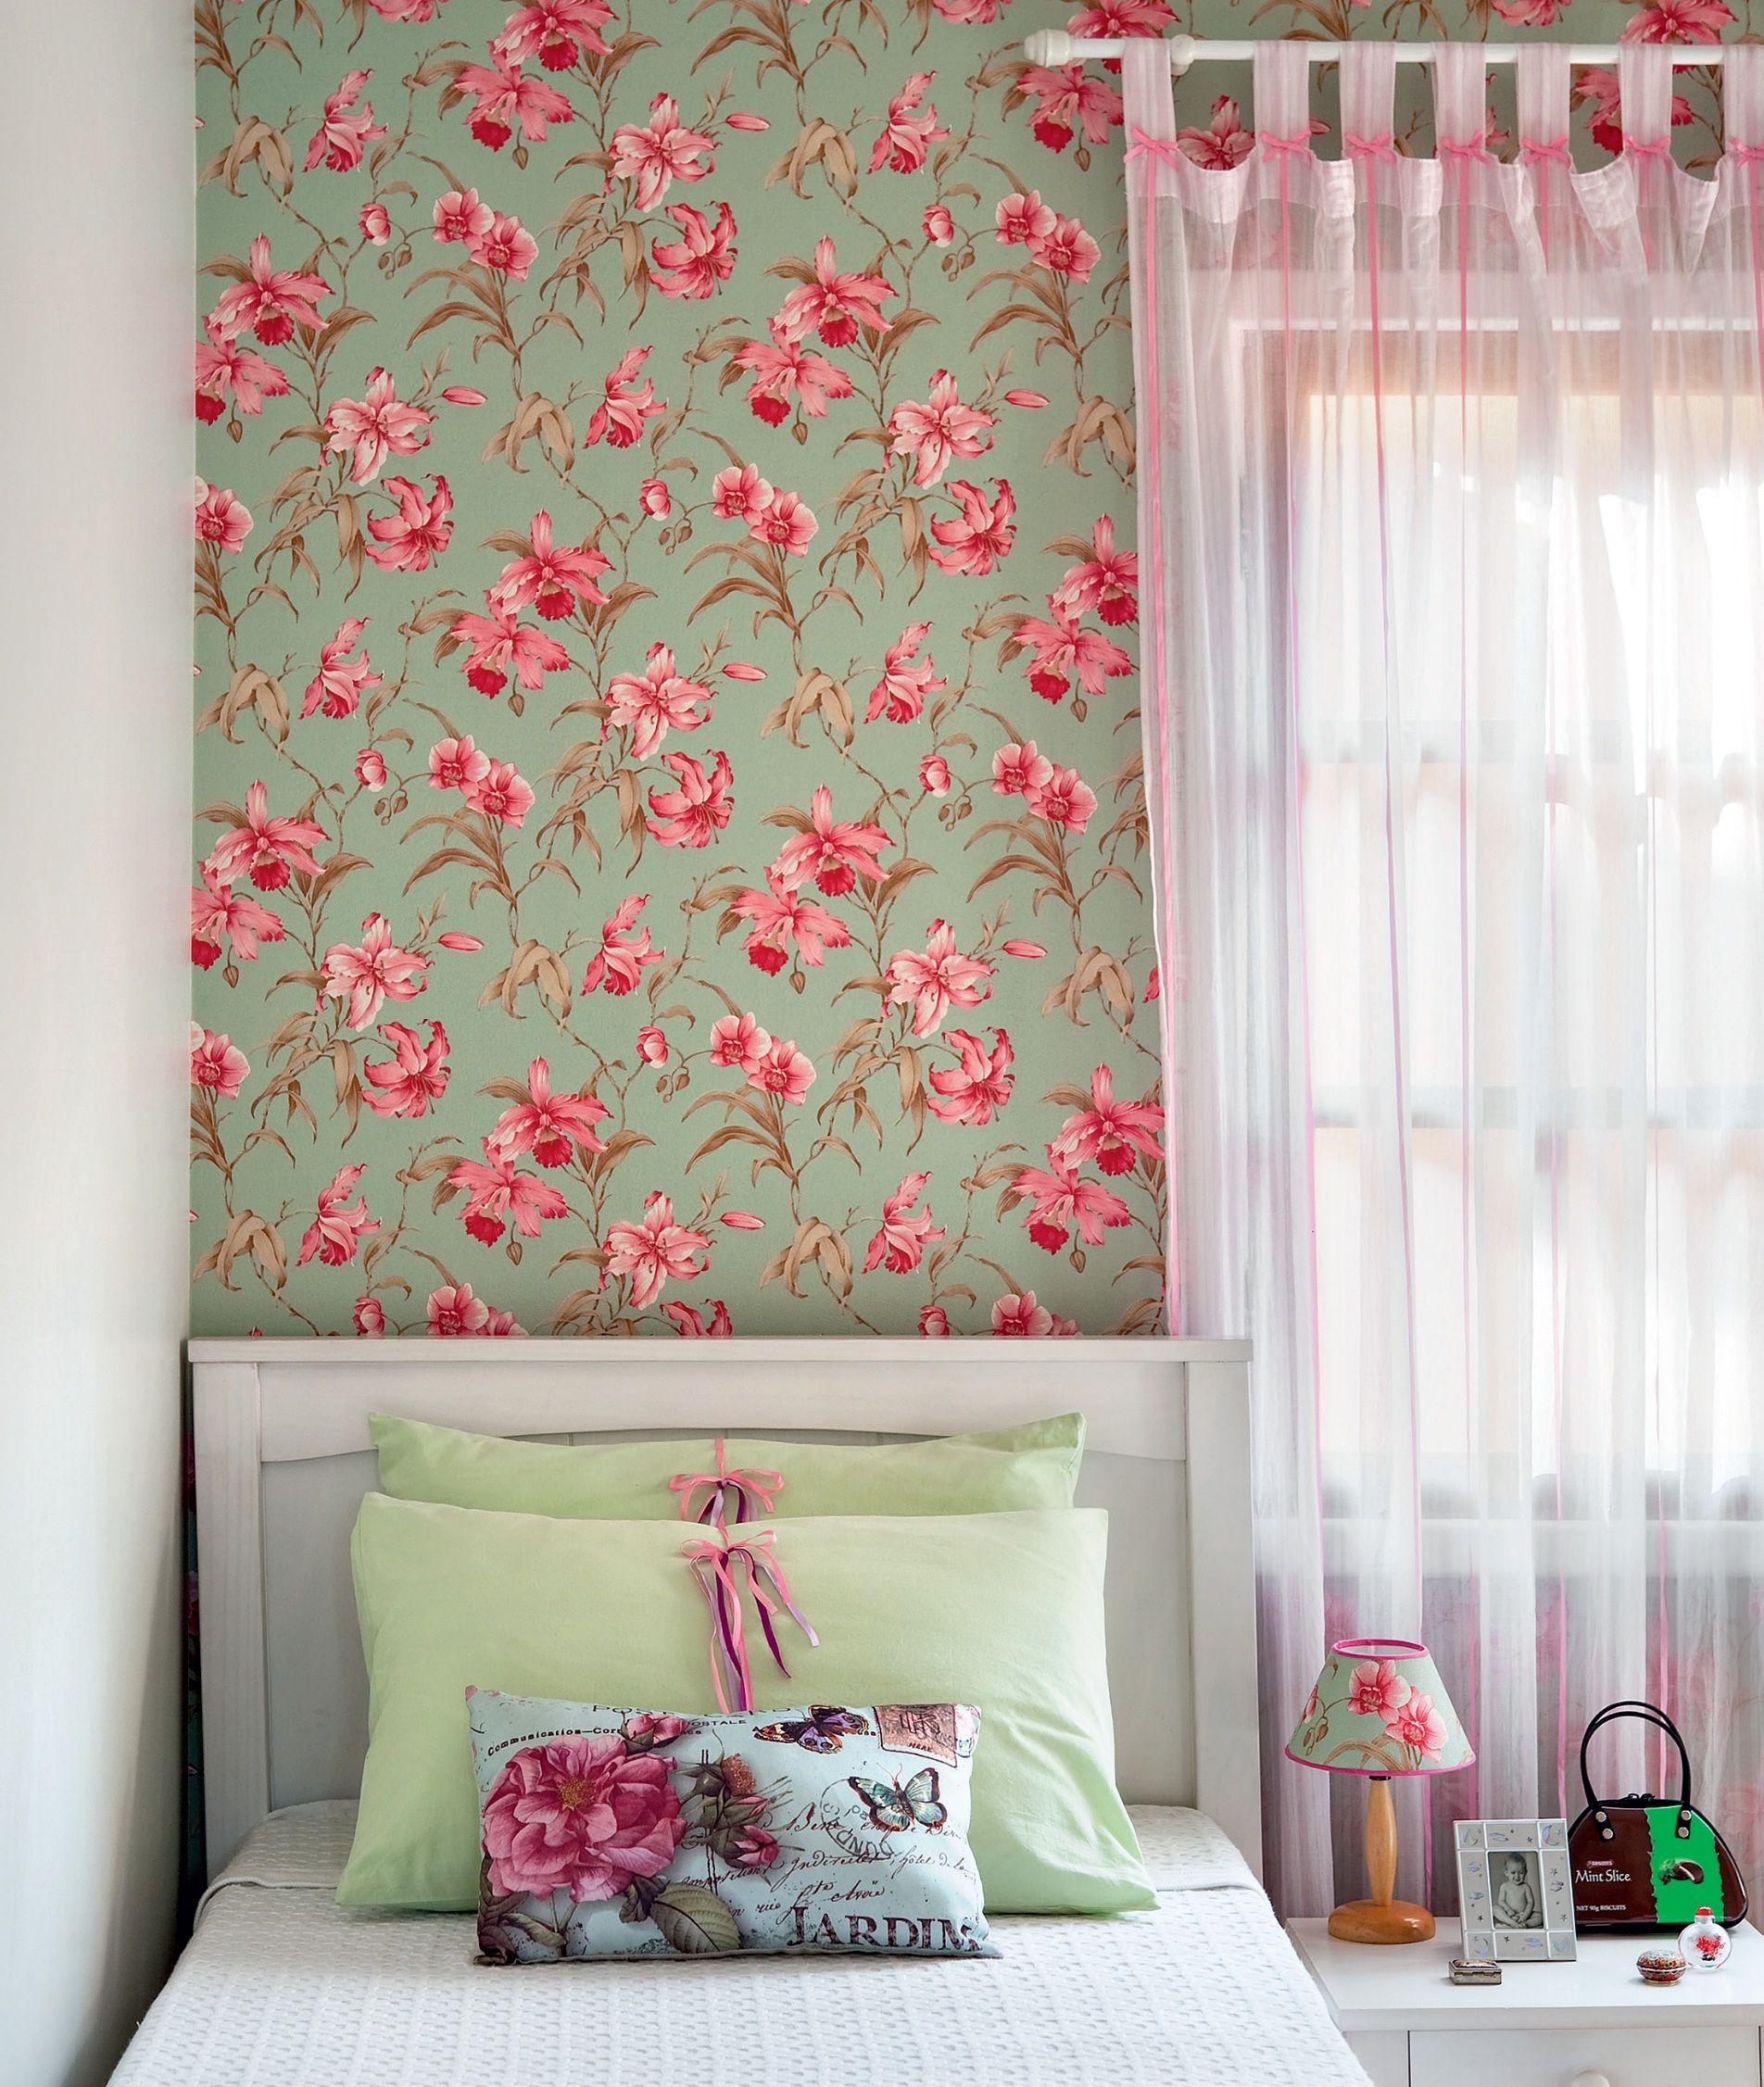 Jogo Um Quarto ~ Jogo de cores um quarto em verde, rosa e branco u2013 Minha Casa decorating walls Pinterest